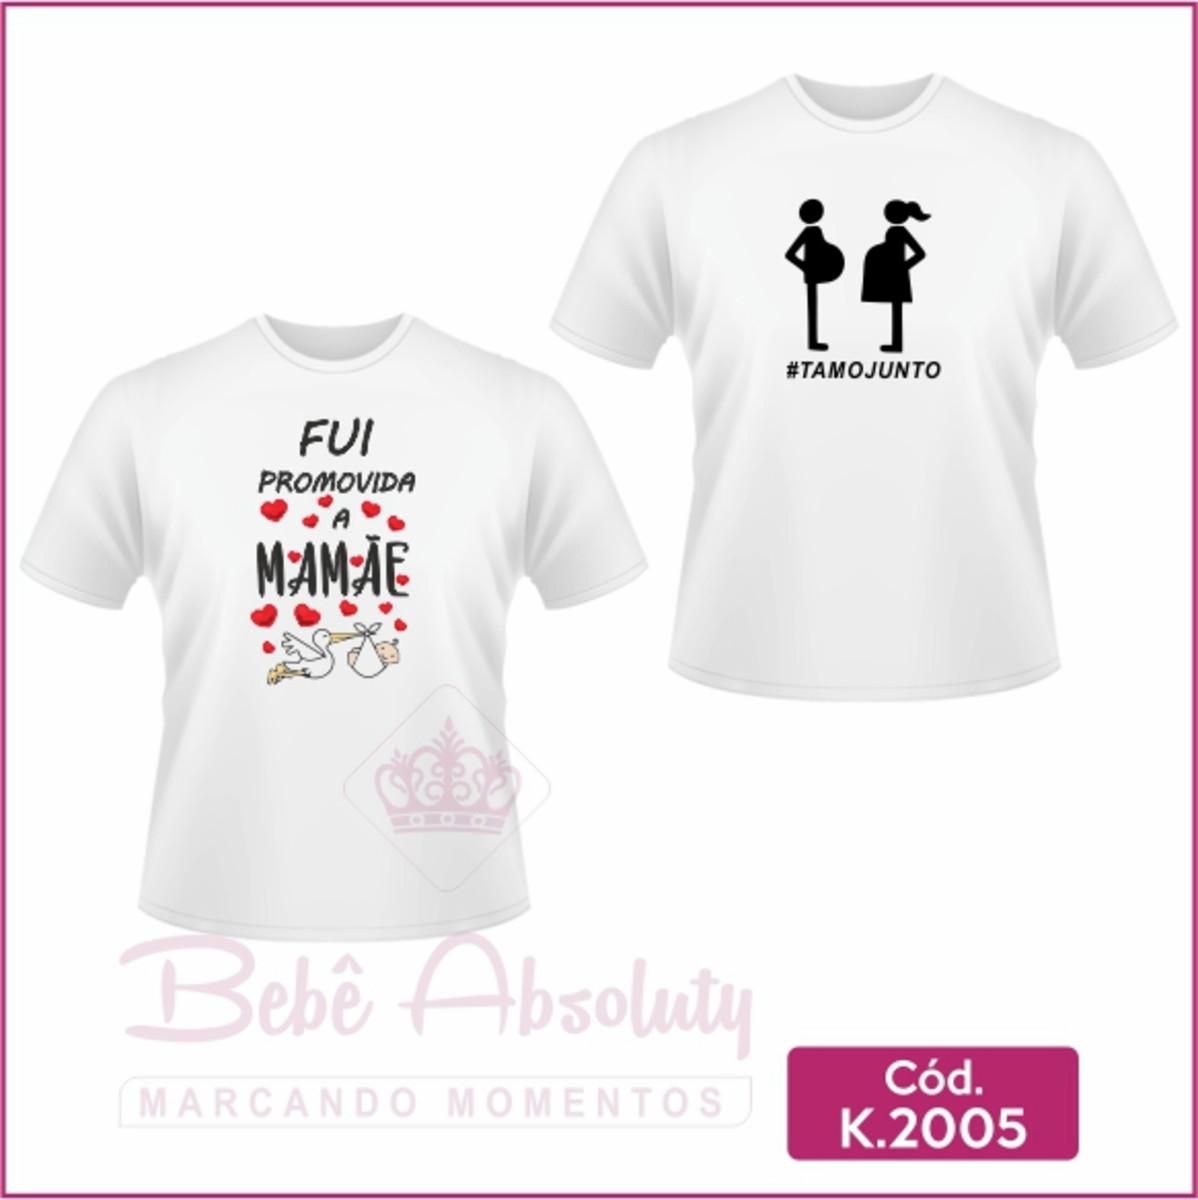 6326af9a12ce Camiseta Fui Promovida a Mamãe e #TamoJunto - Kit 2 peças no Elo7 ...